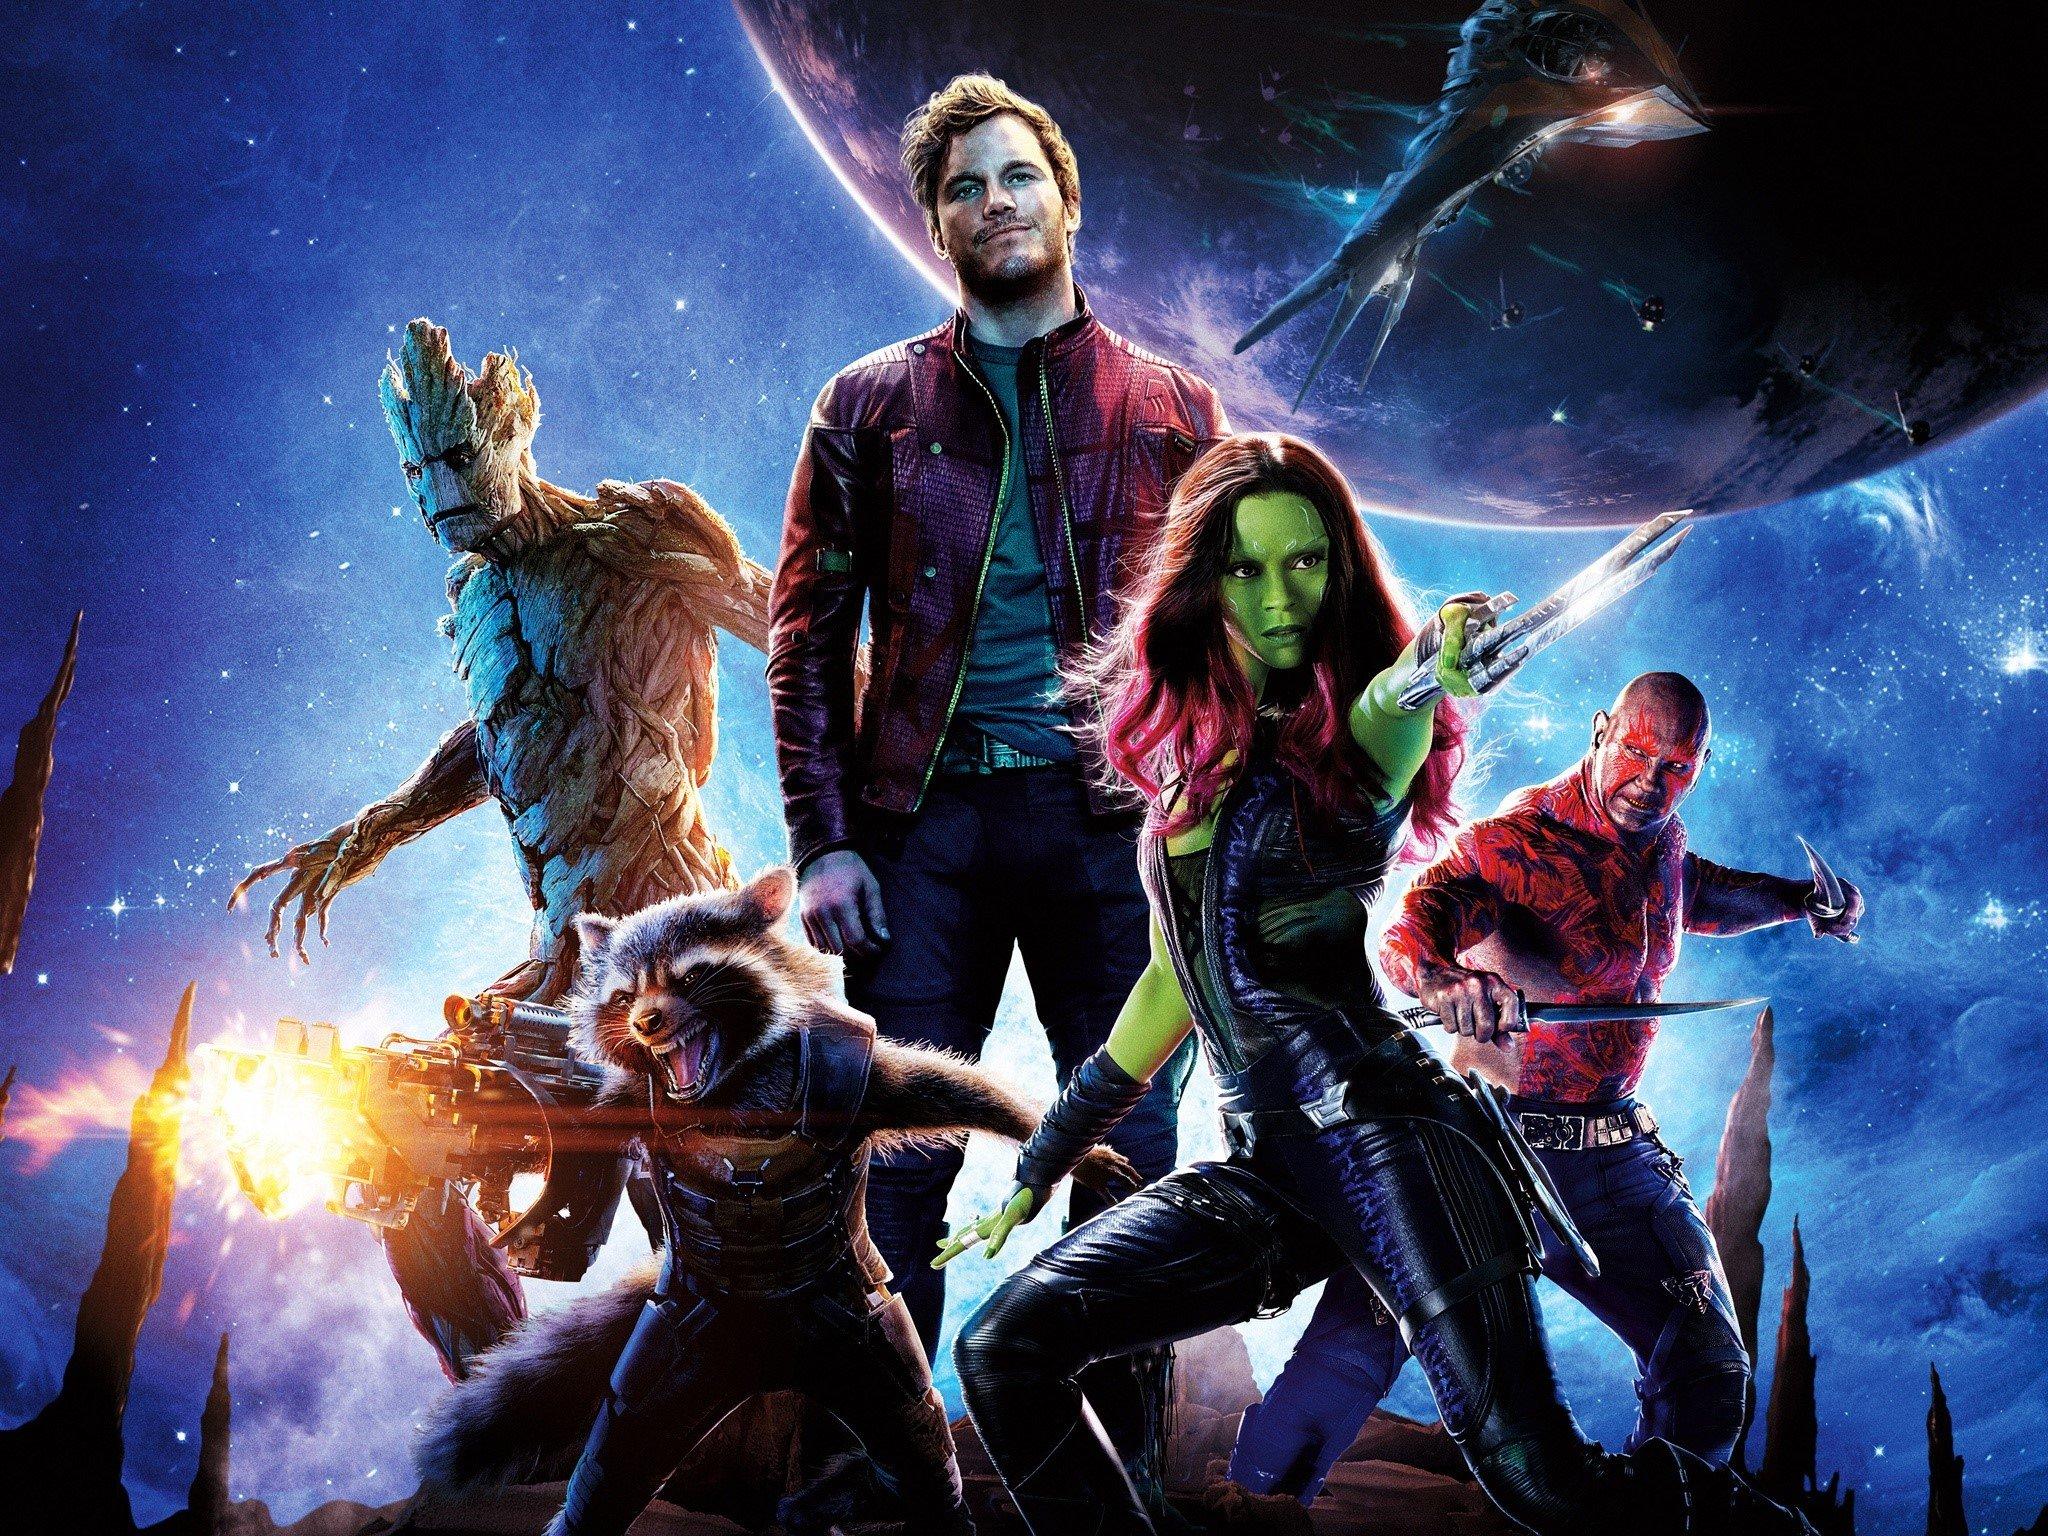 Fondos de pantalla Guardianes de la galaxia